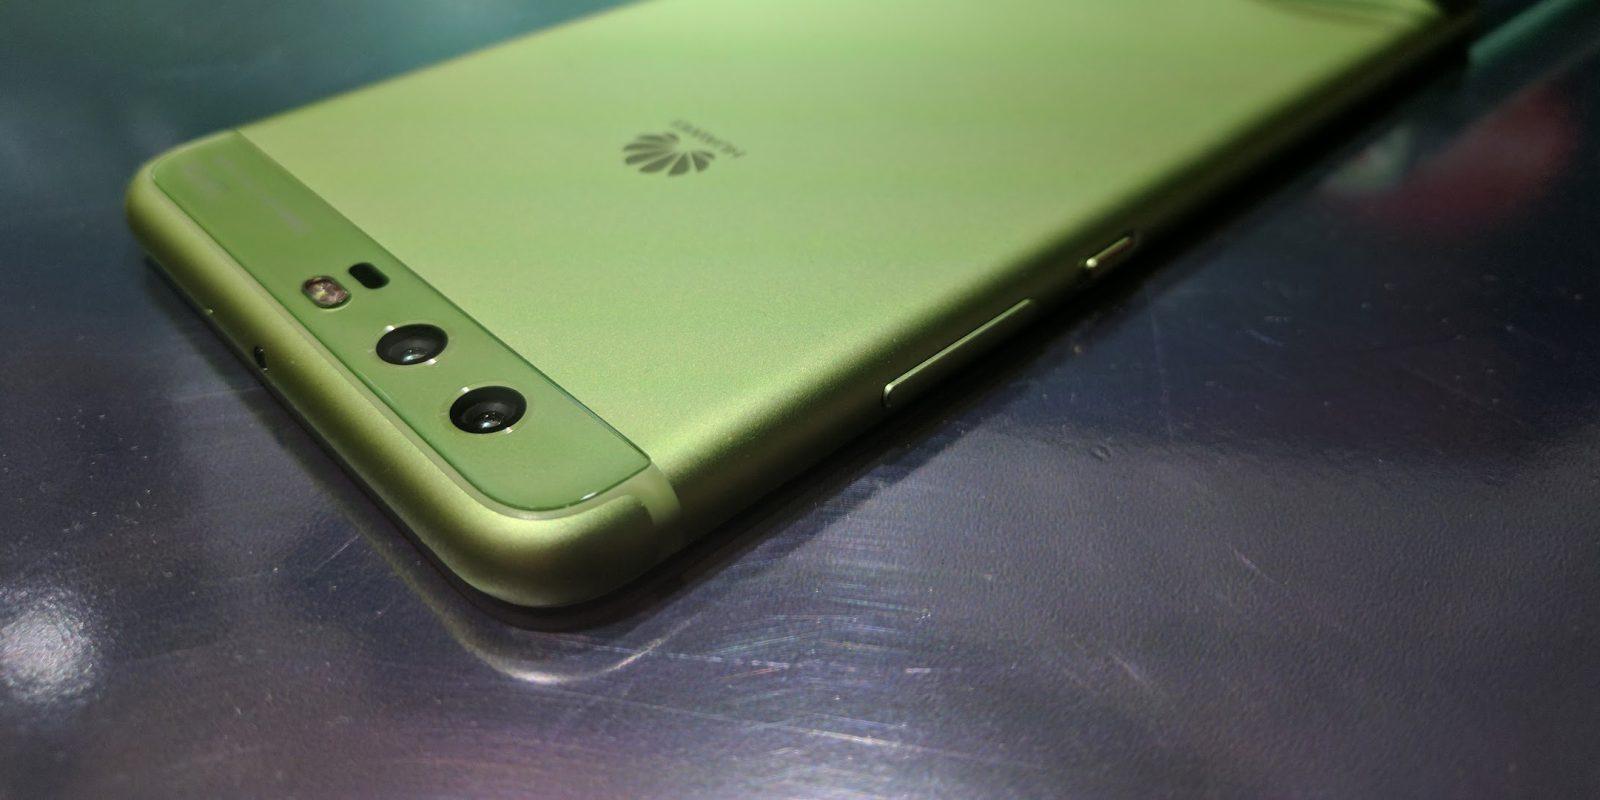 smartfony-s-neobychnym-cvetom-huawei-p10-green